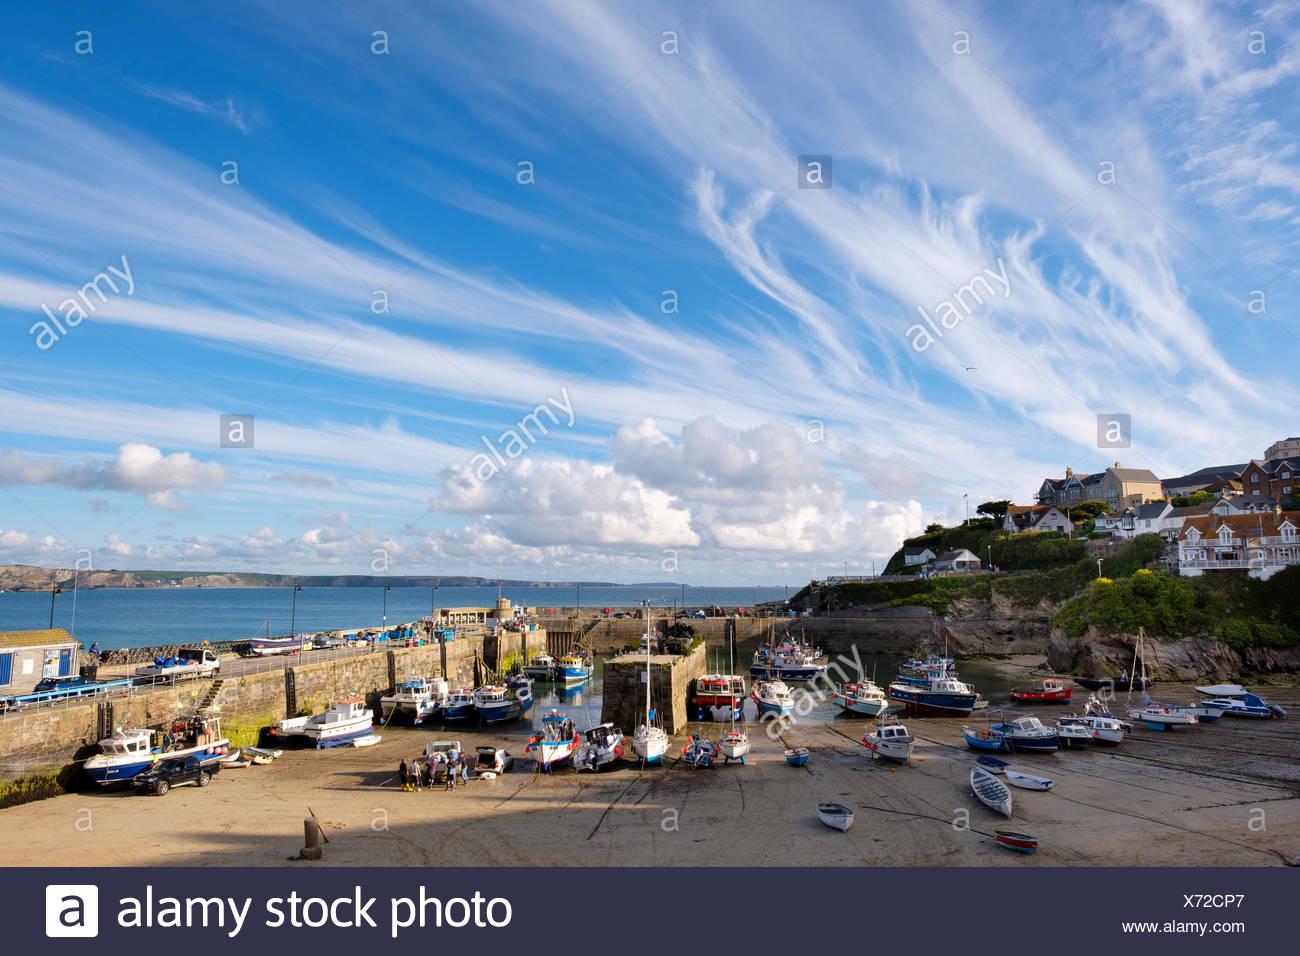 Hafen, Newquay, Cornwall, England, Großbritannien - Stock Image